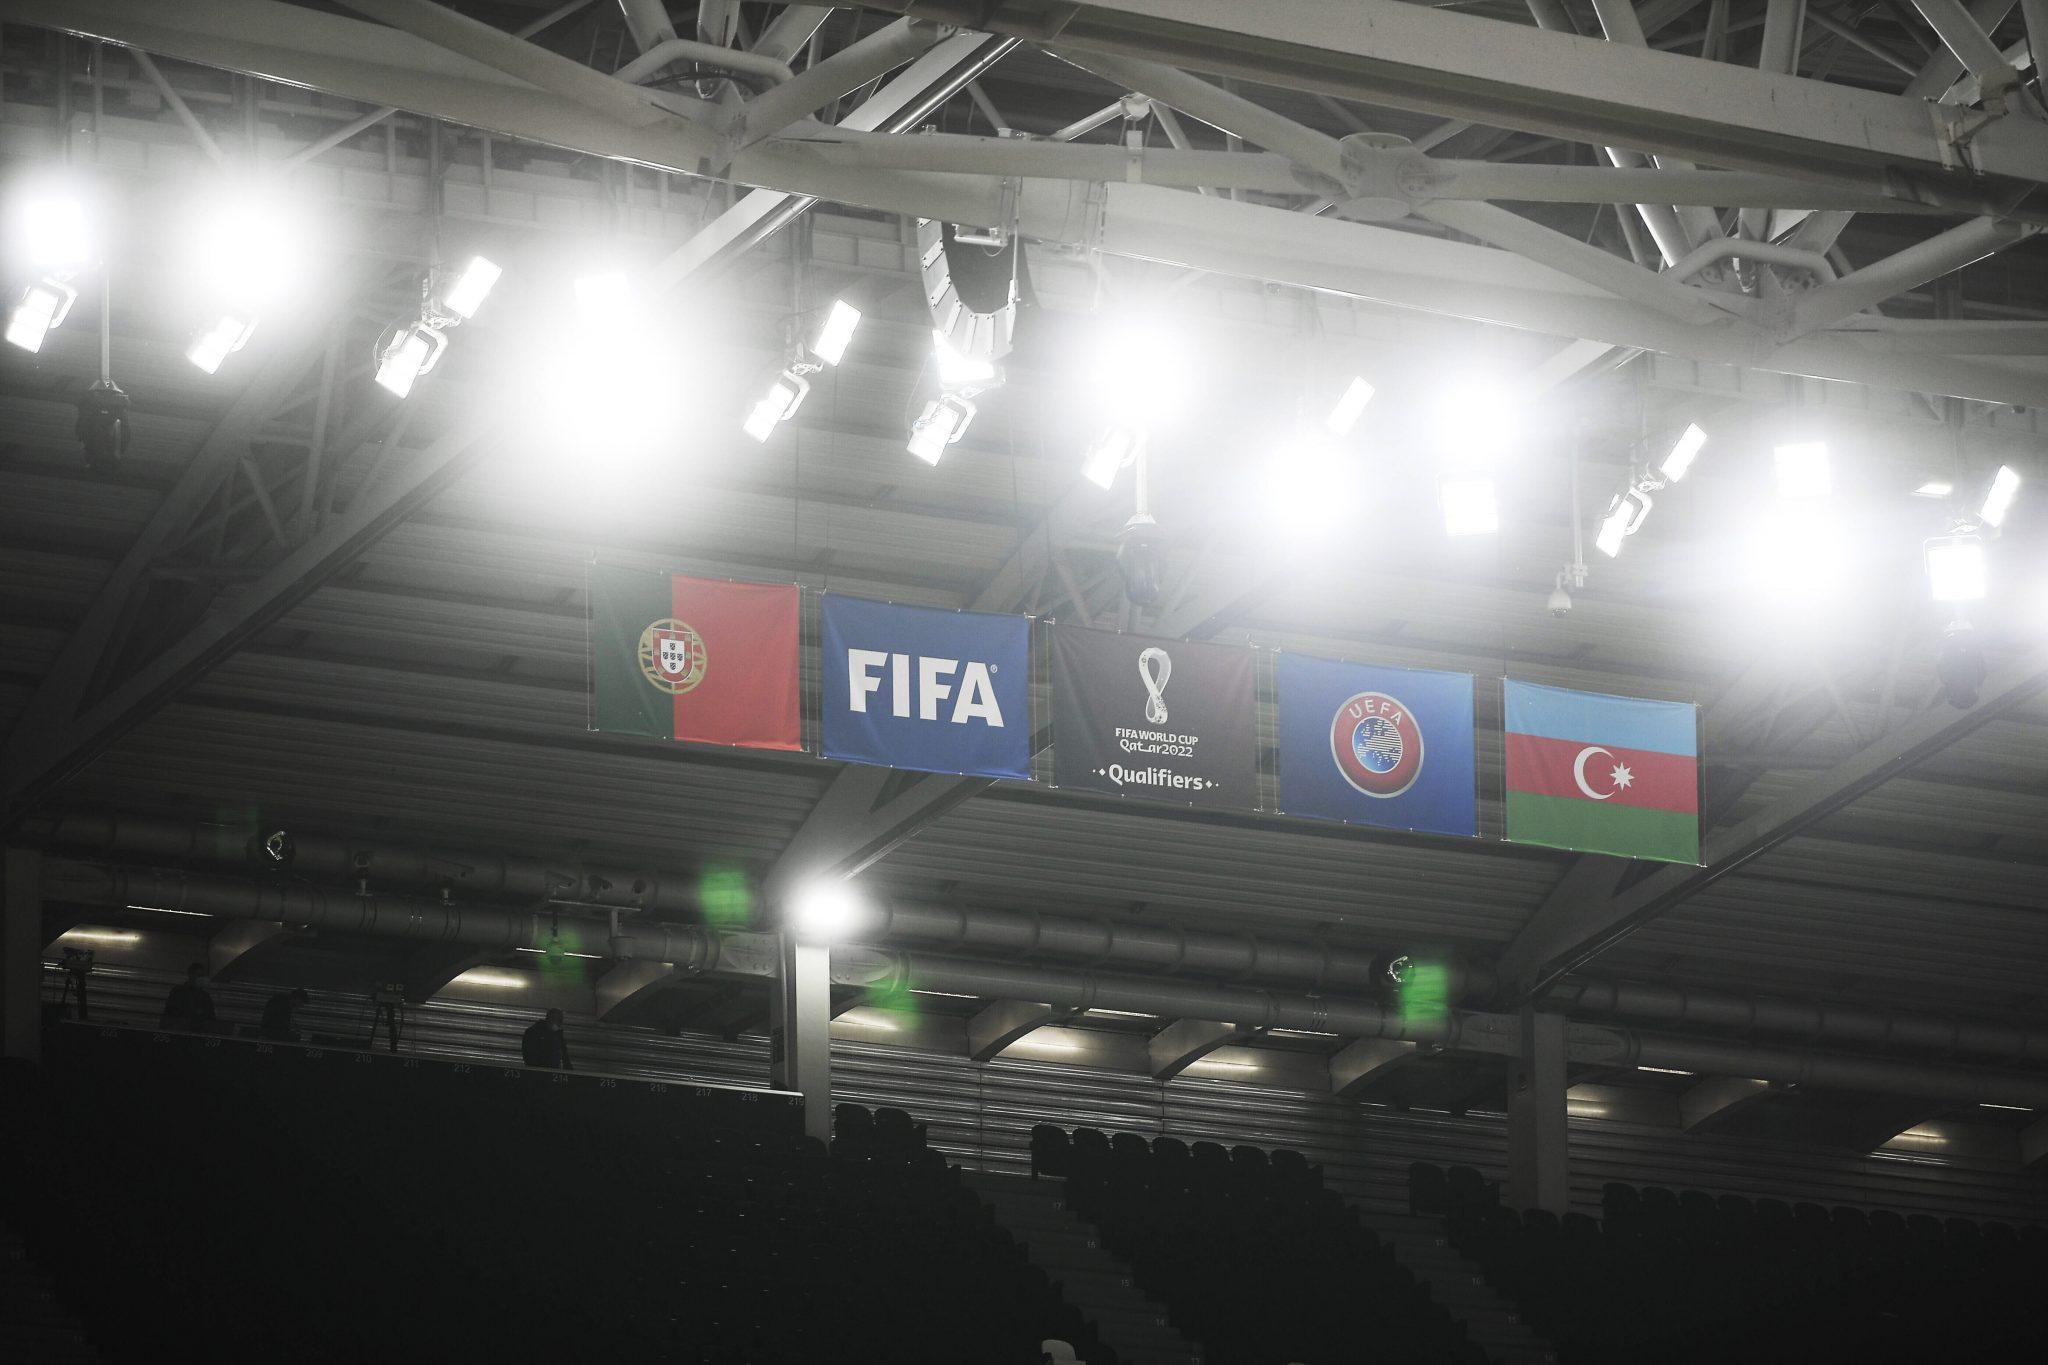 Portogallo-Azerbaigian World Cup 2022 Qualifiers